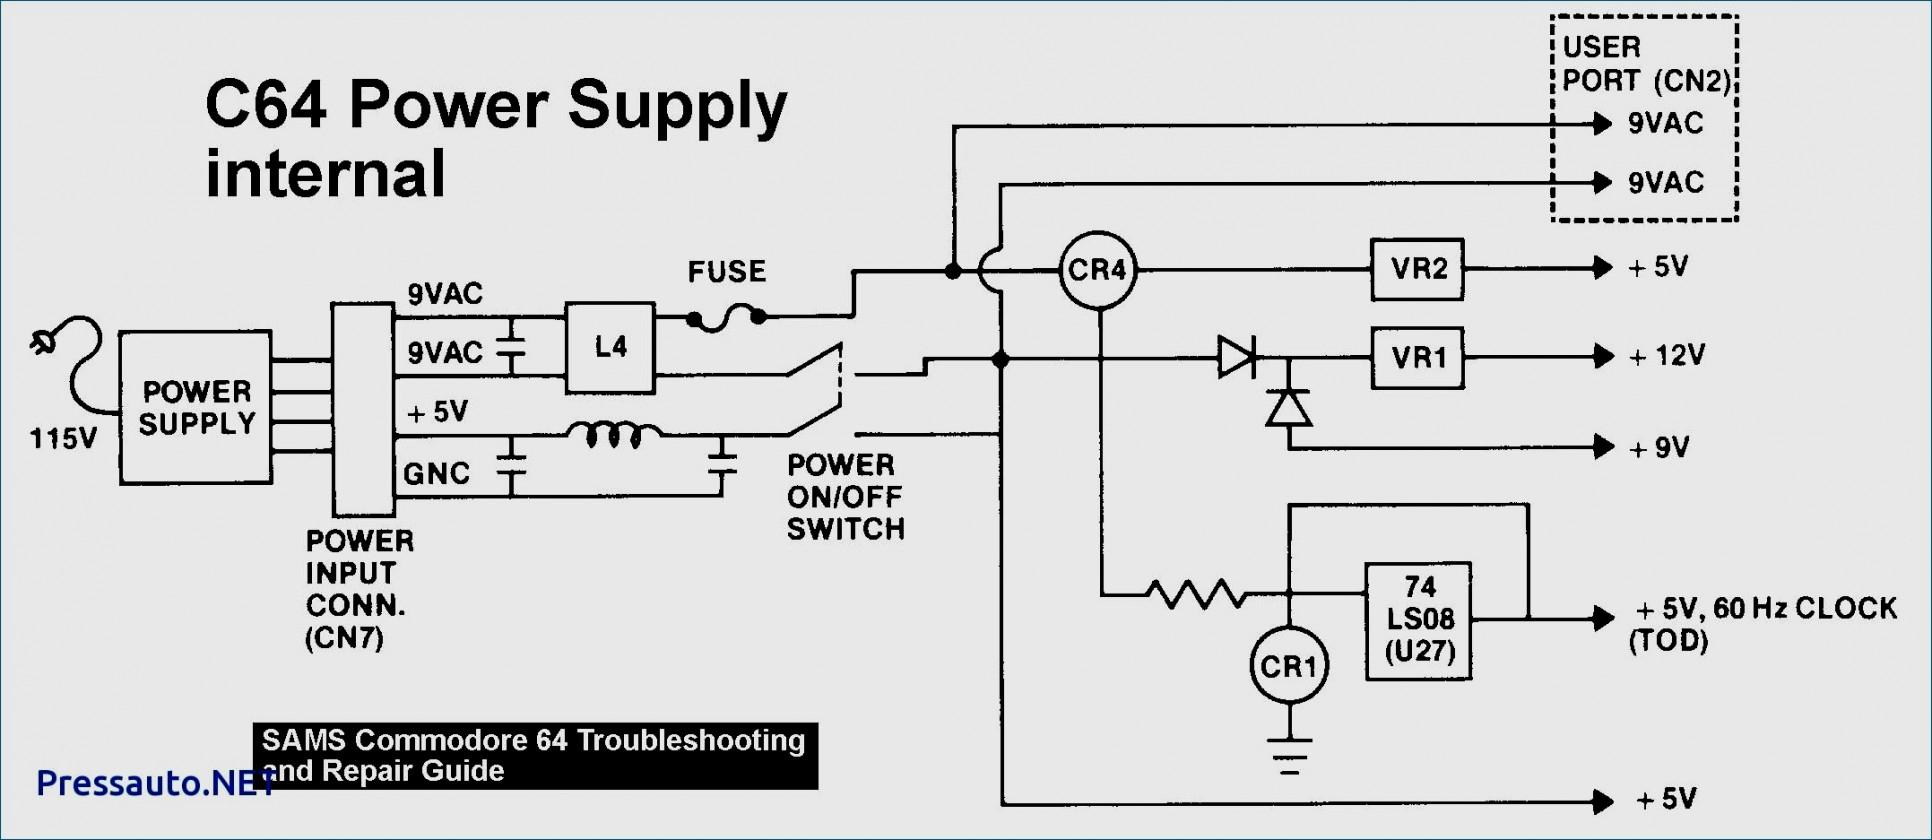 Computer Power Supply Wiring Schematic | Wiring Diagram - Computer Power Supply Wiring Diagram